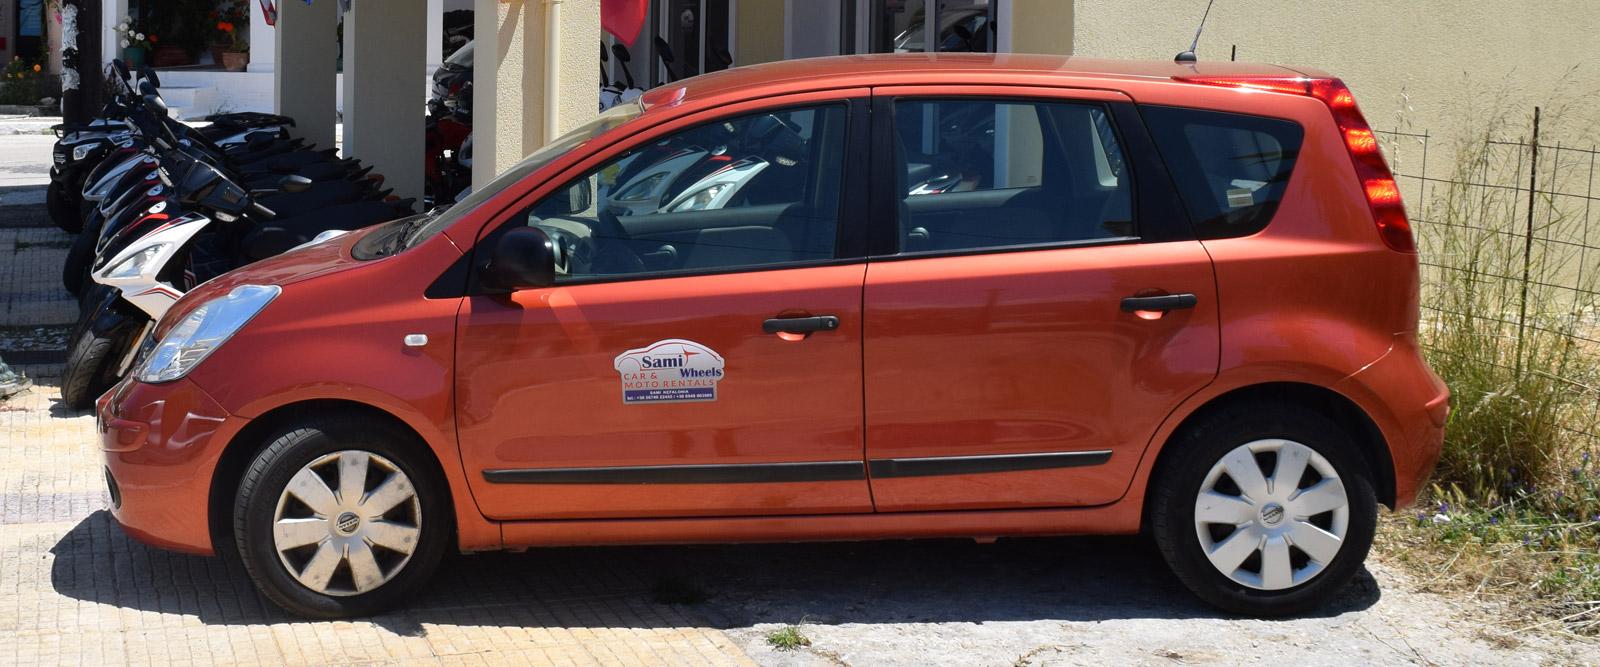 Kefalonia Car Rentals